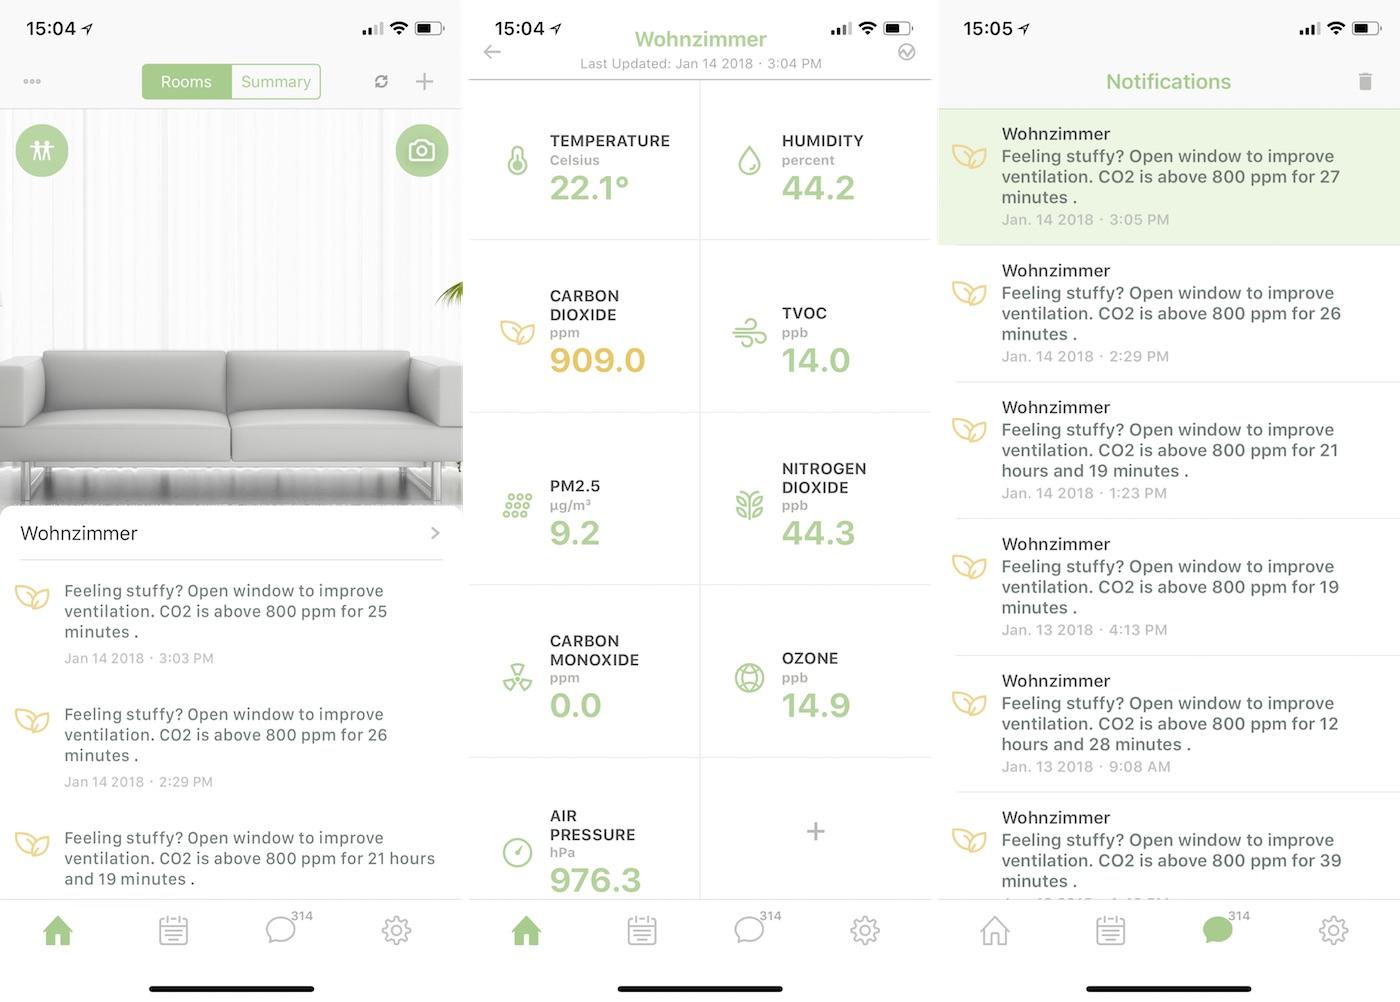 uHoo App in der Übersicht (links), Messwerte (mitte) und die letzten Notifications (rechts)